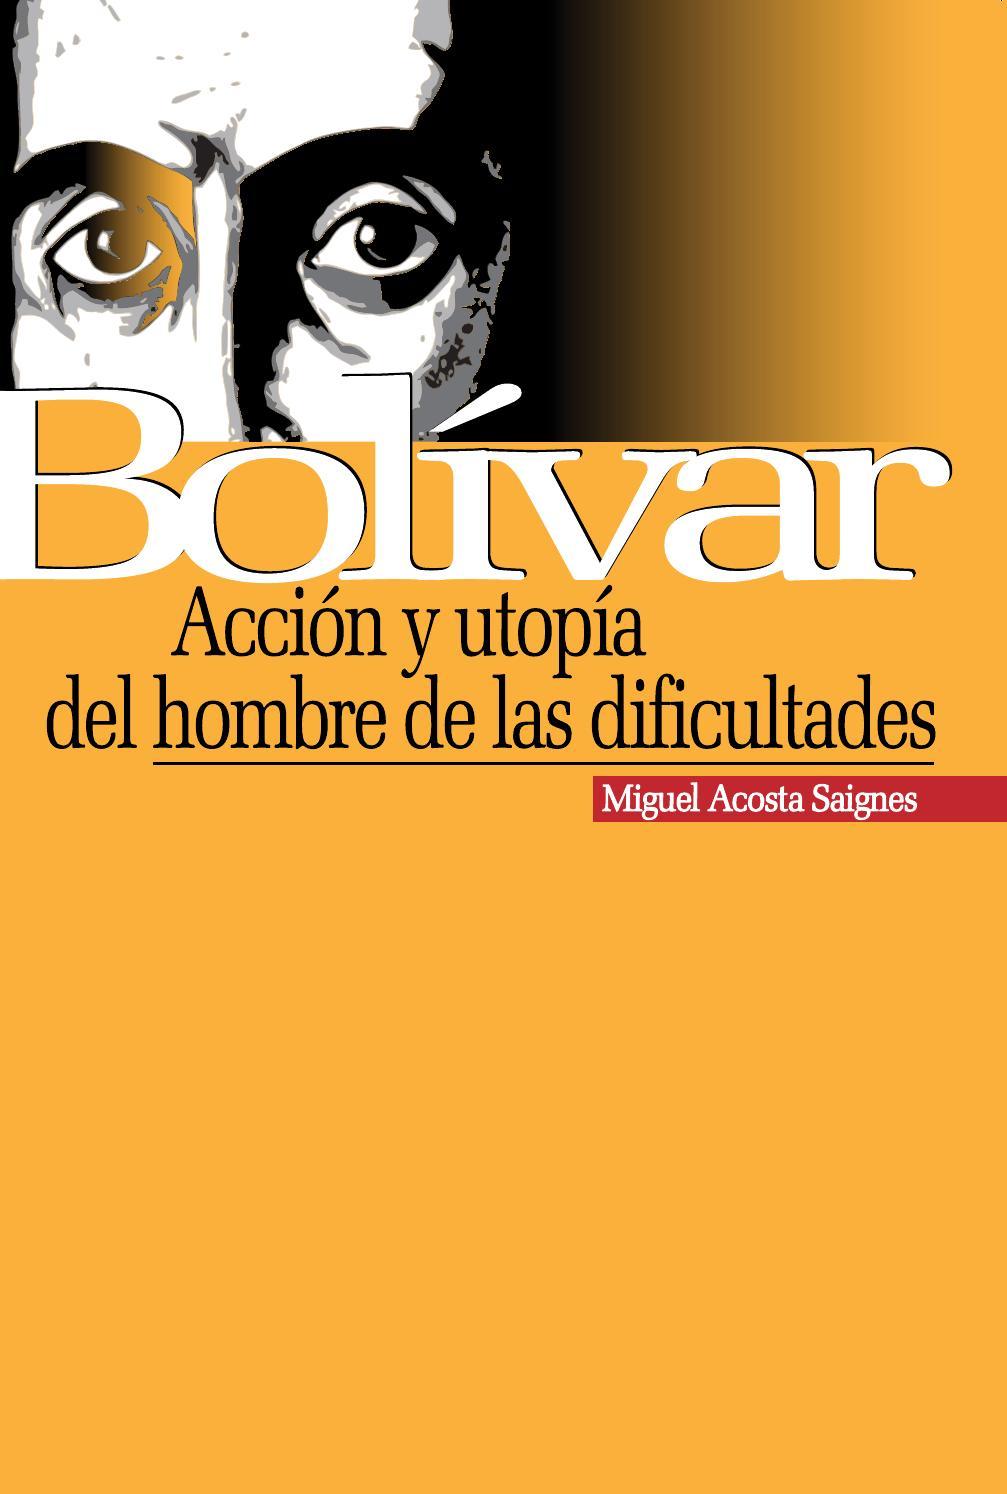 Bolivar Accion Y Utopia Del Hombre De Las Dificultades By Laura  # Muebles Momposinos